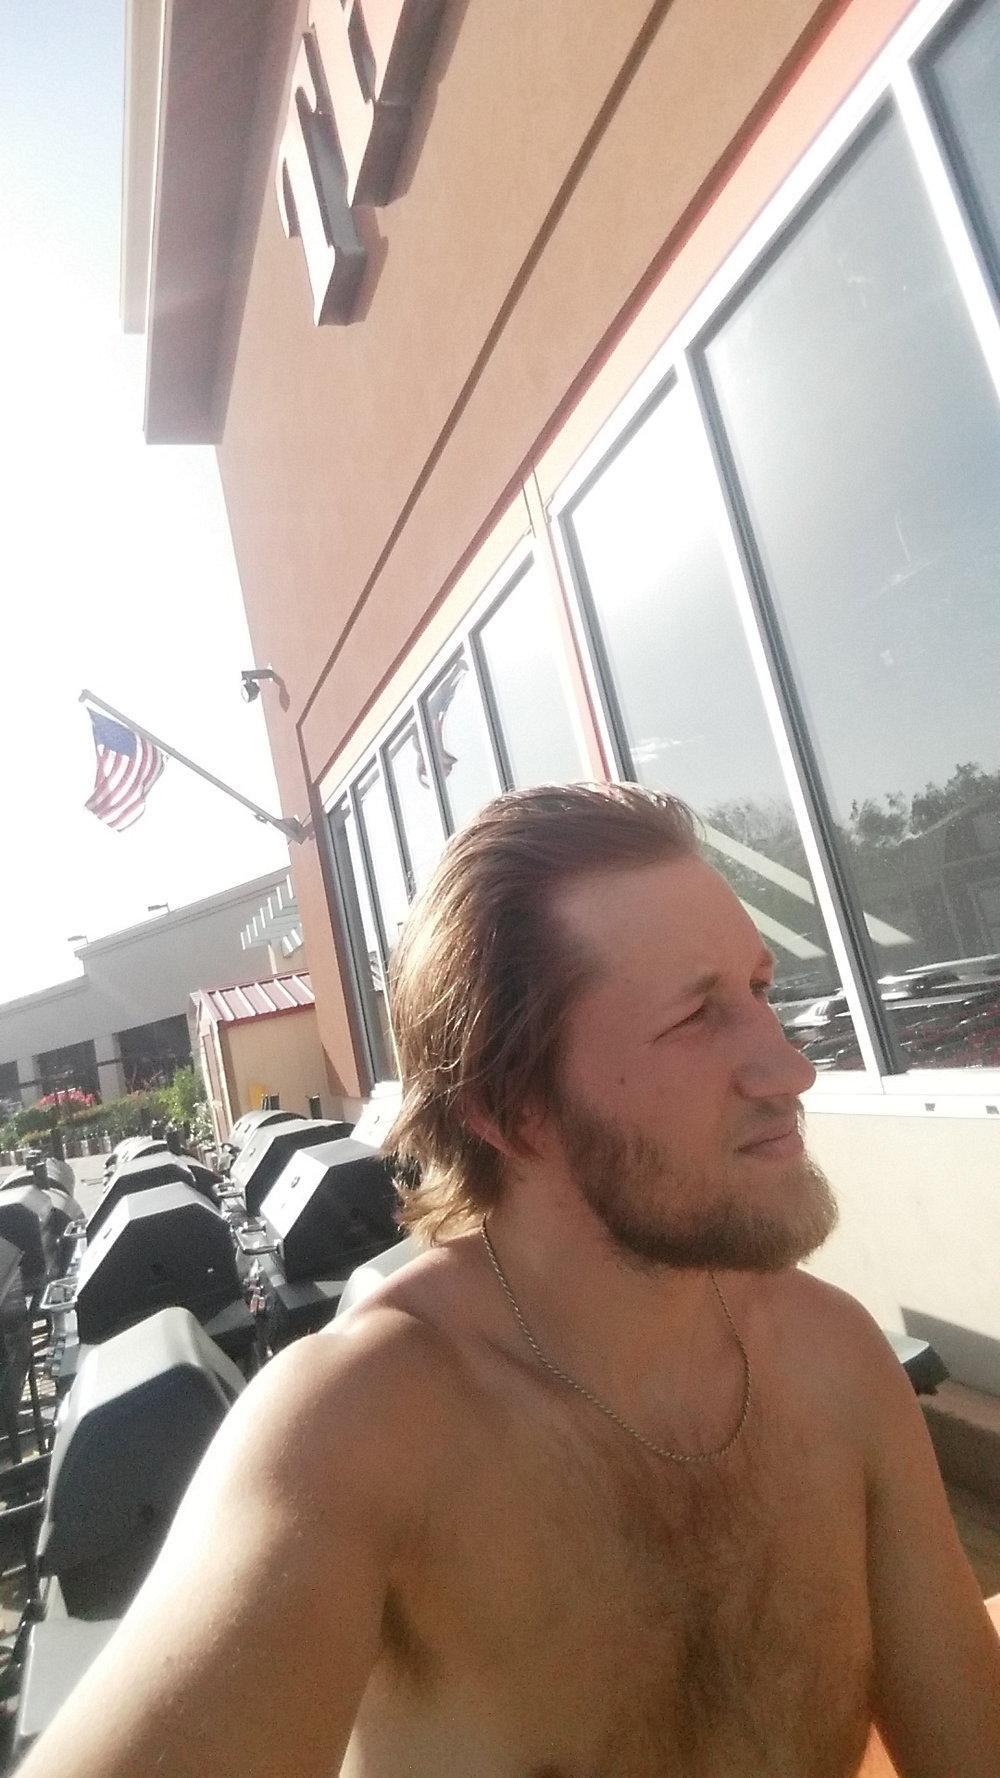 Home Depot Selfie